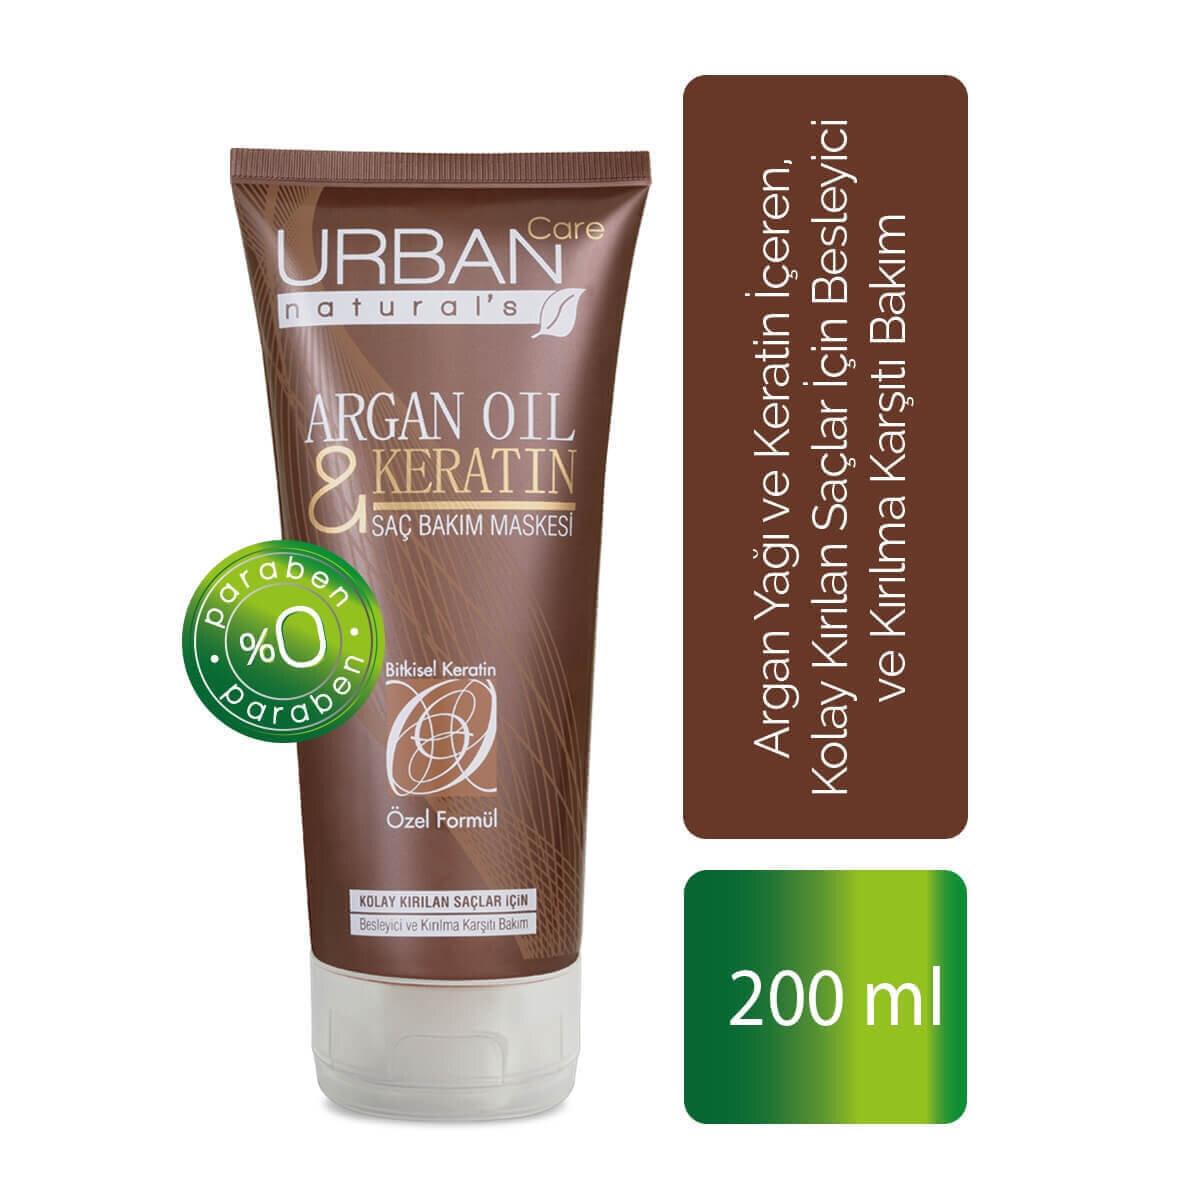 Argan Oil Saç Maskesi 200ml